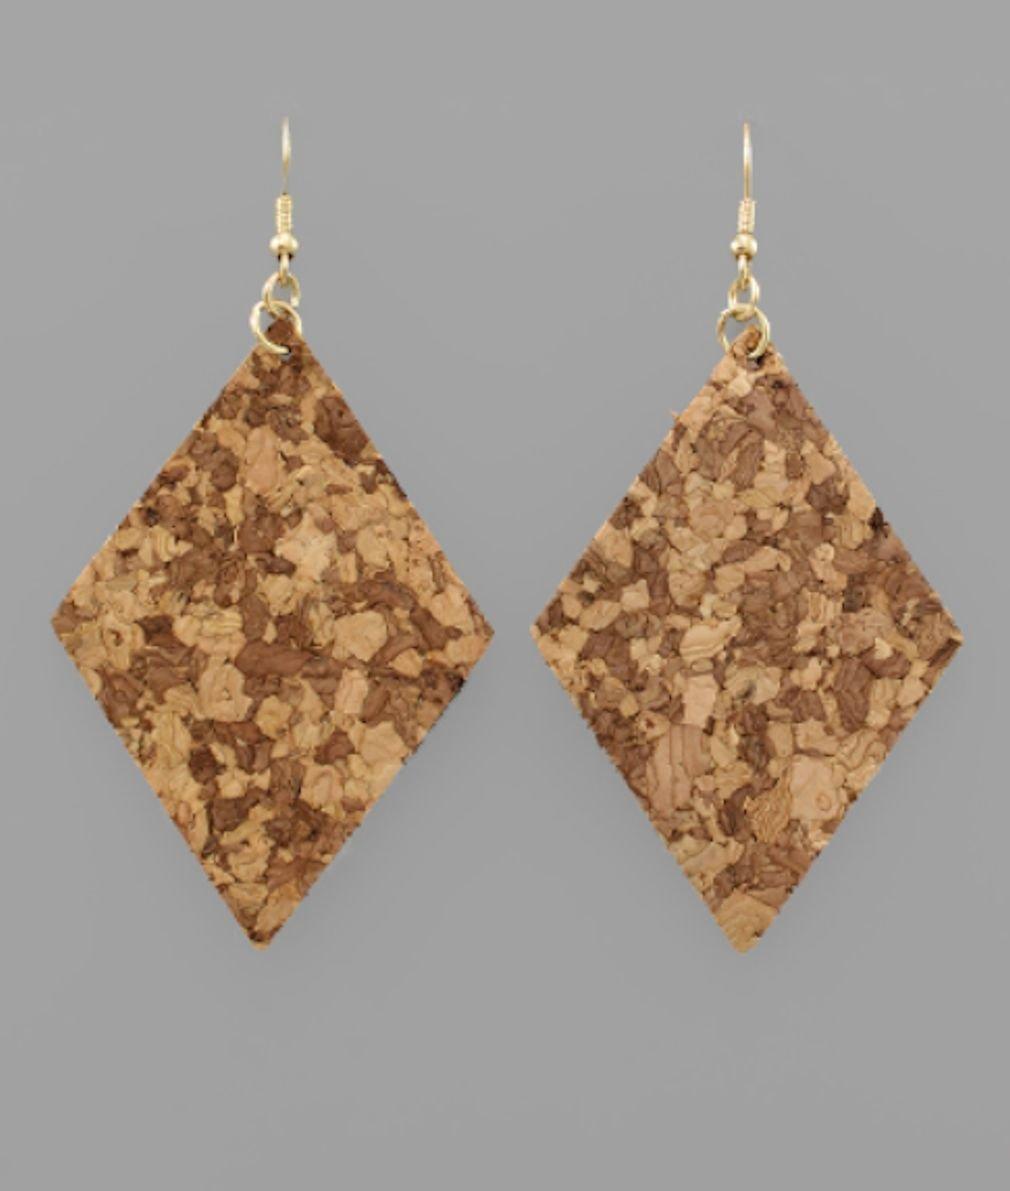 Pattern Cork Rhombus Earrings